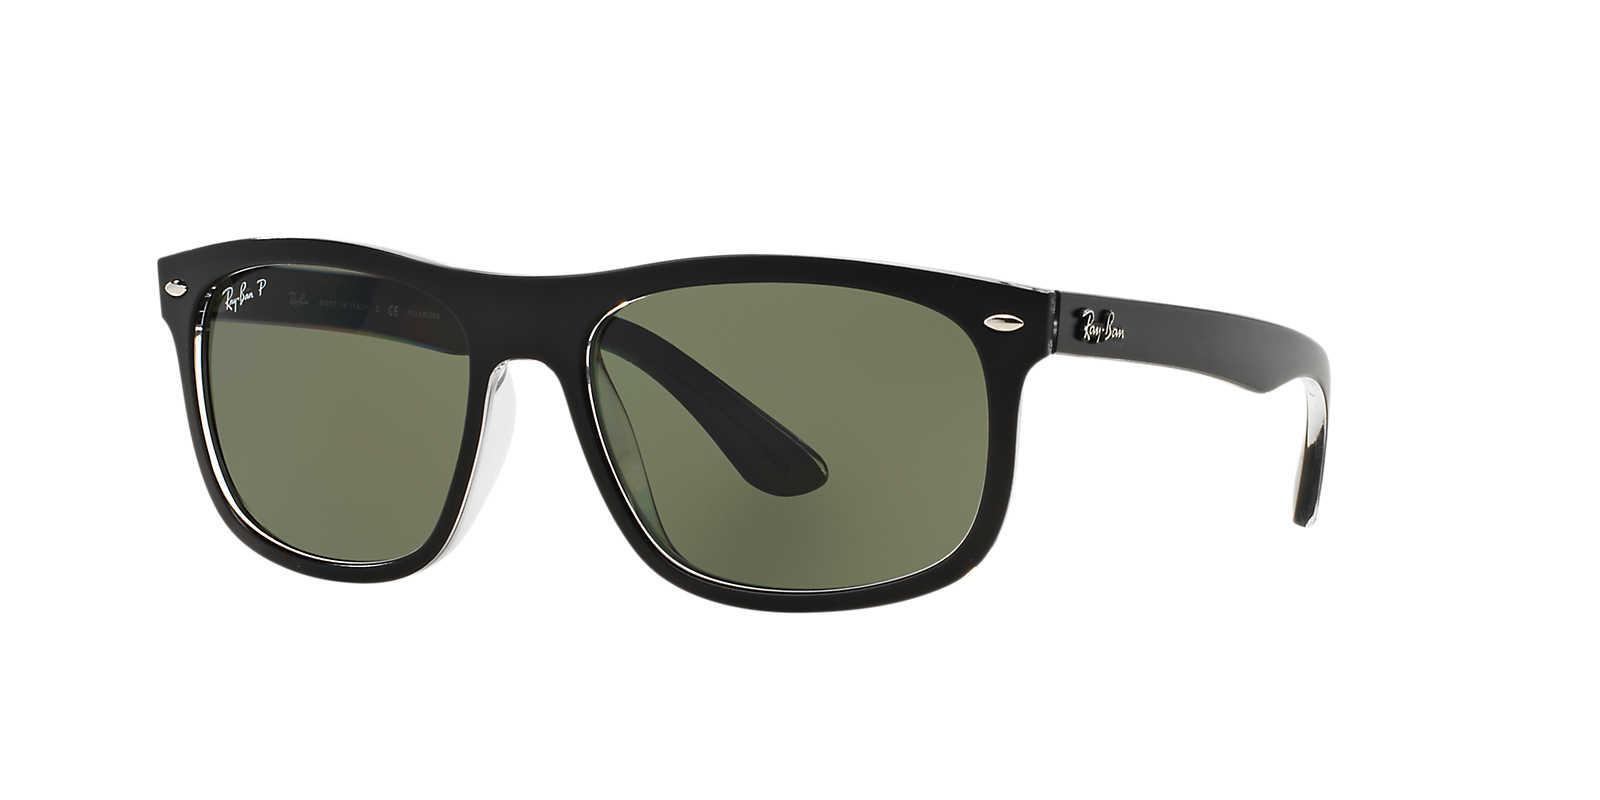 f5216f1d420 Ray-Ban Sunglasses